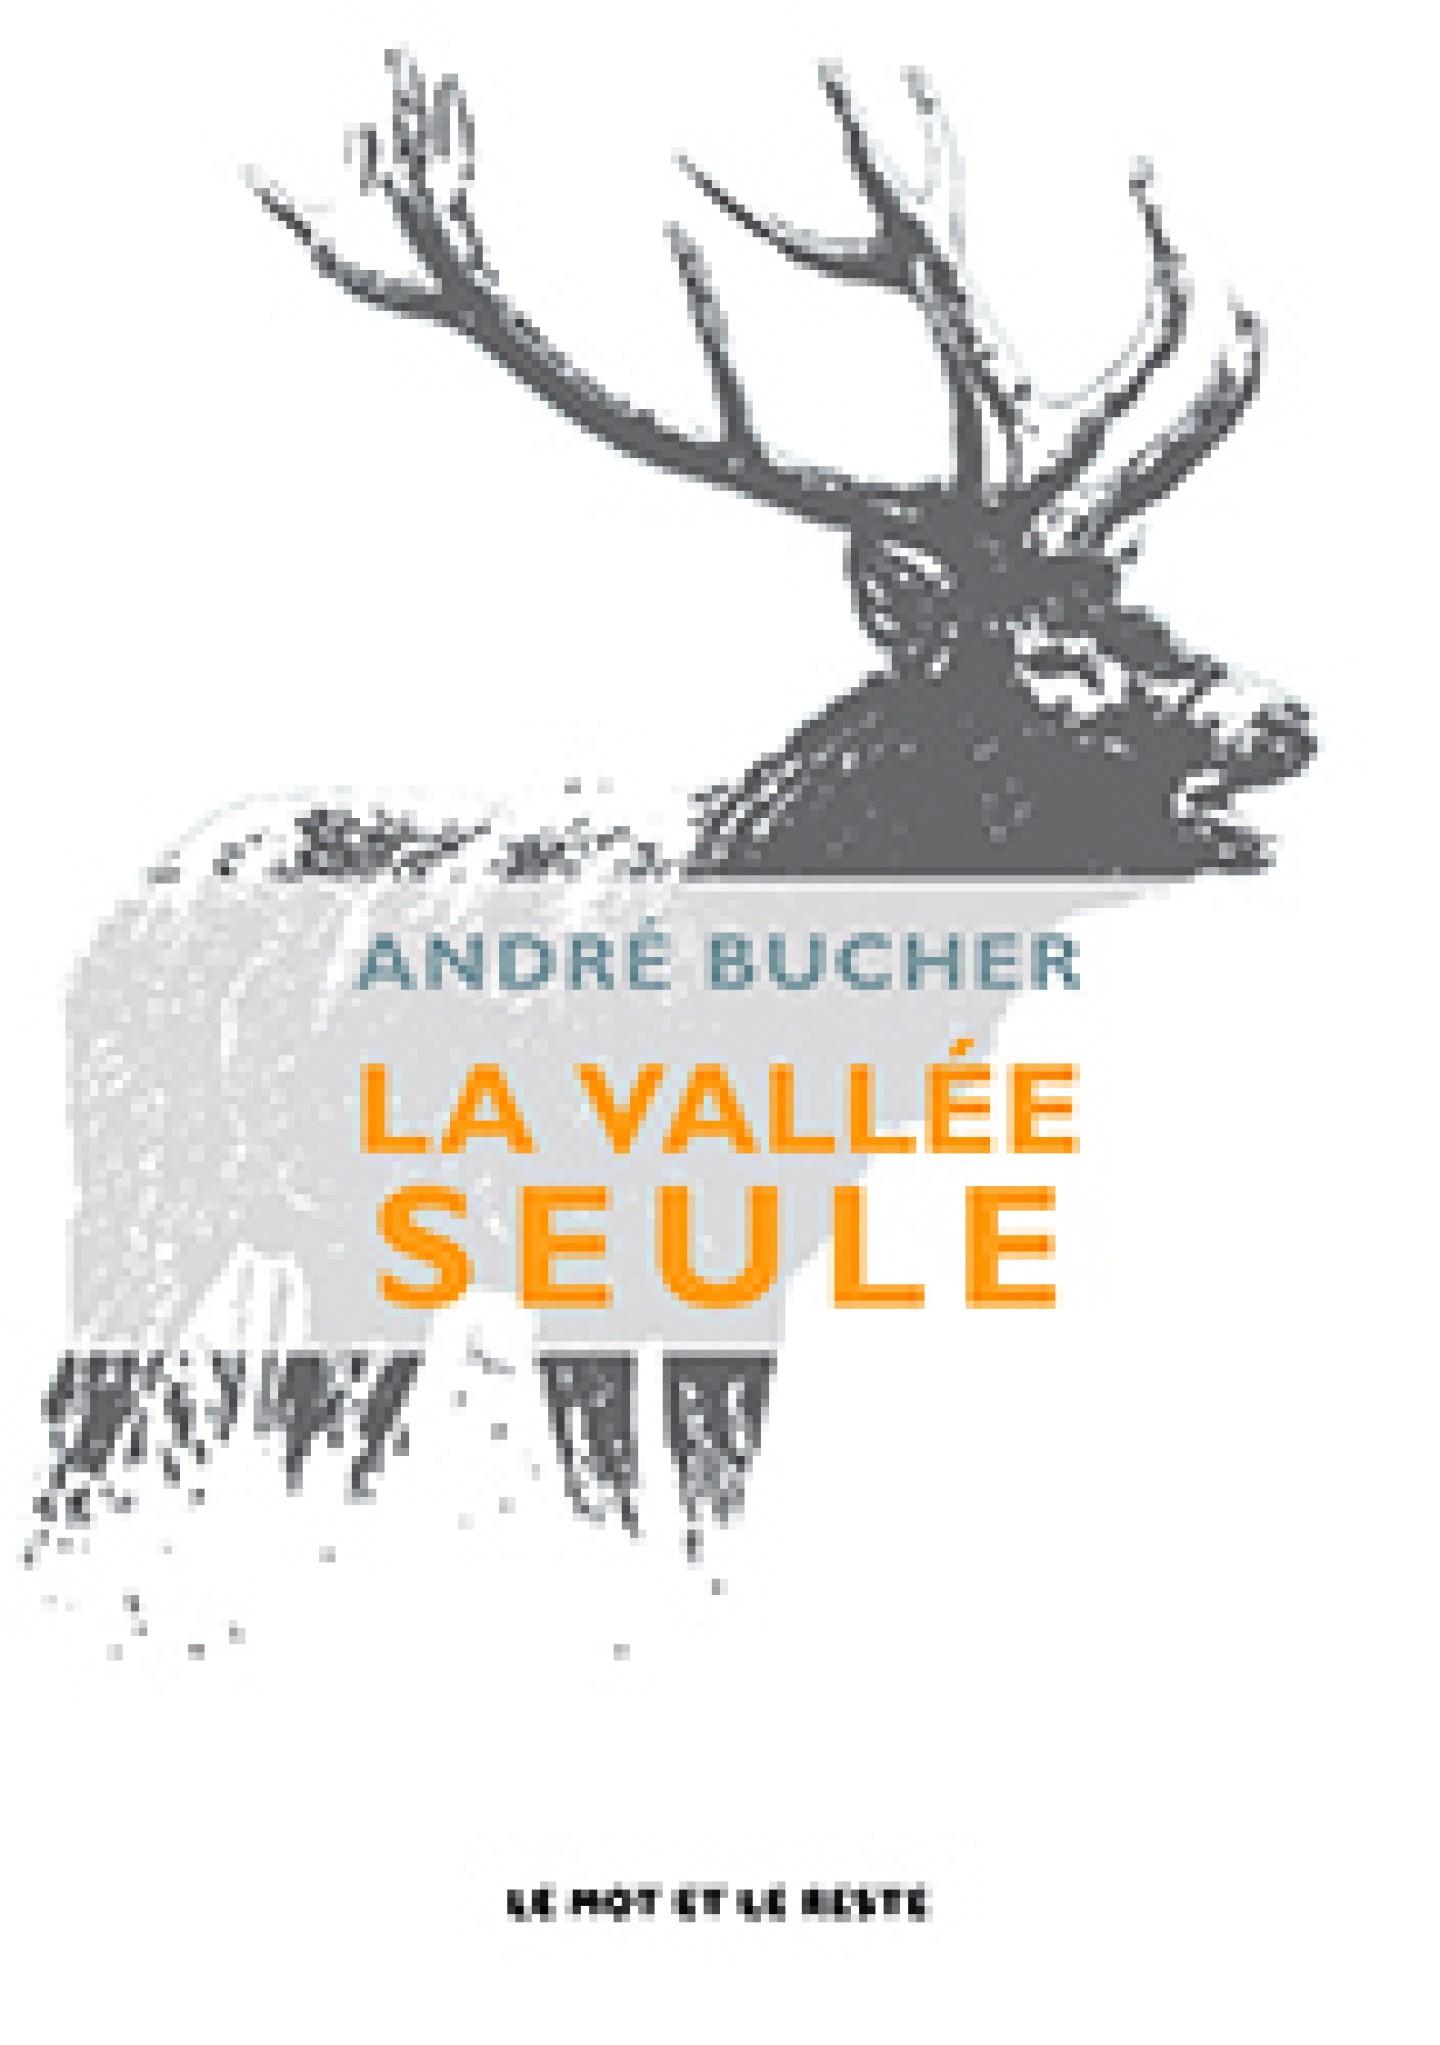 La Vallée seule, André Bucher, roman, éditions le mot et le reste, 2013